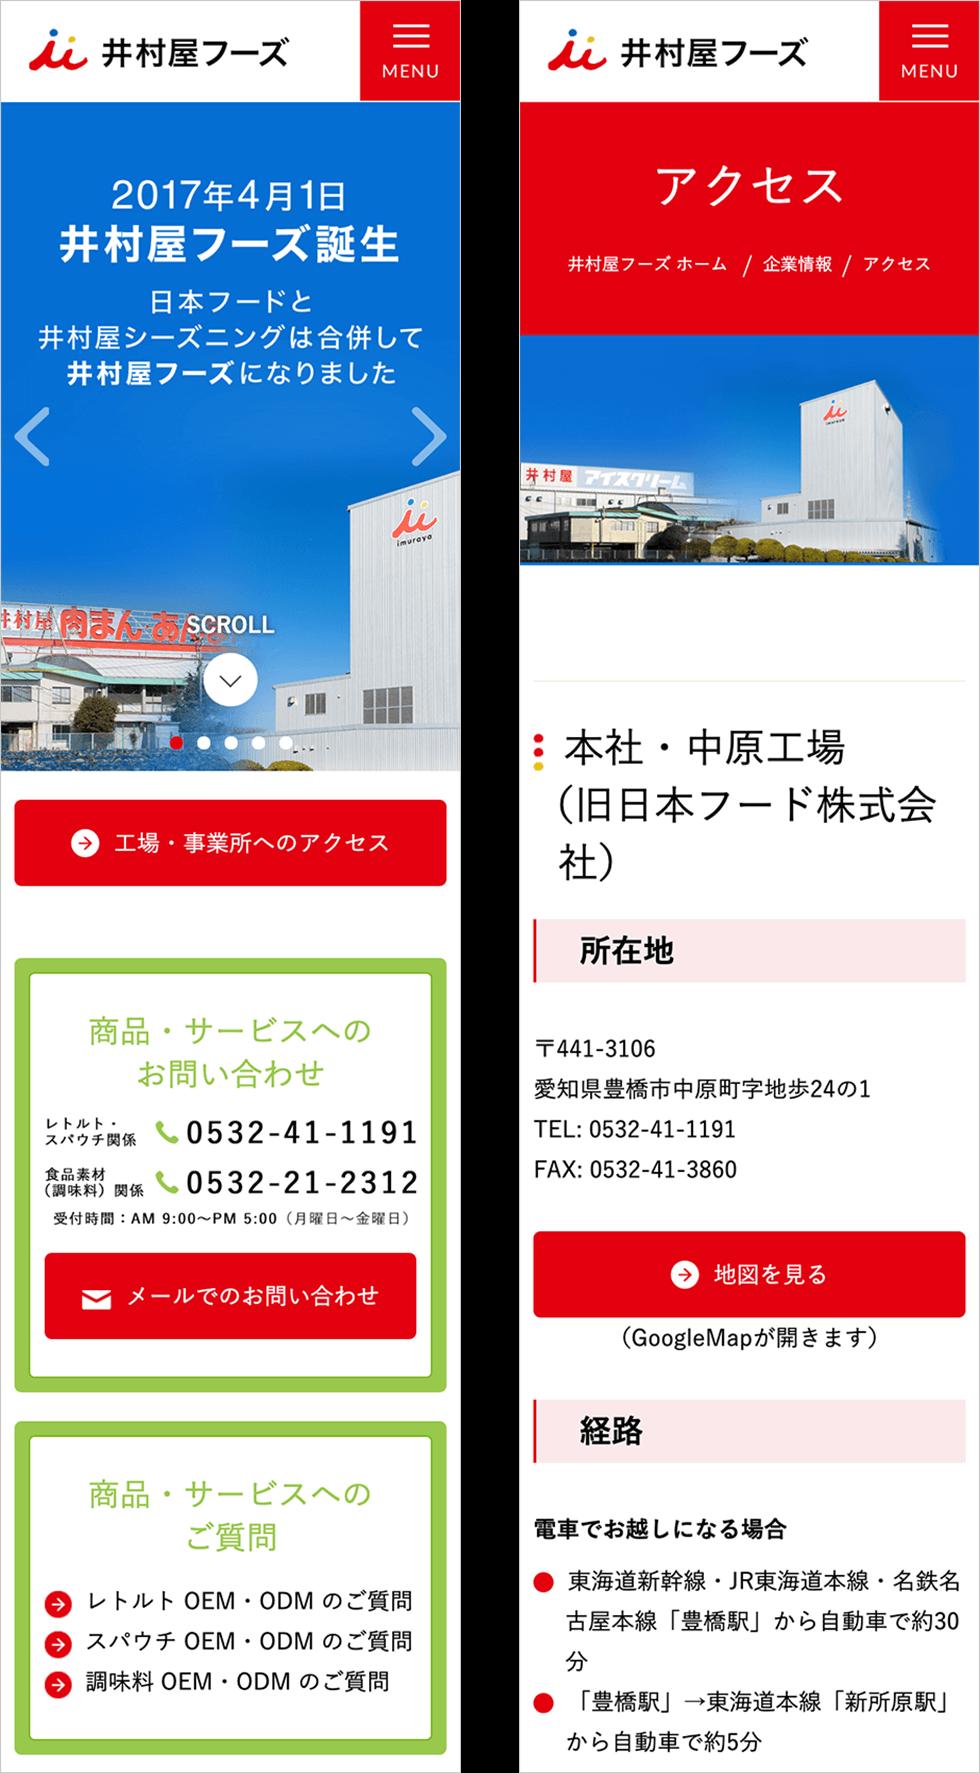 井村屋フーズのSPトップページ画像